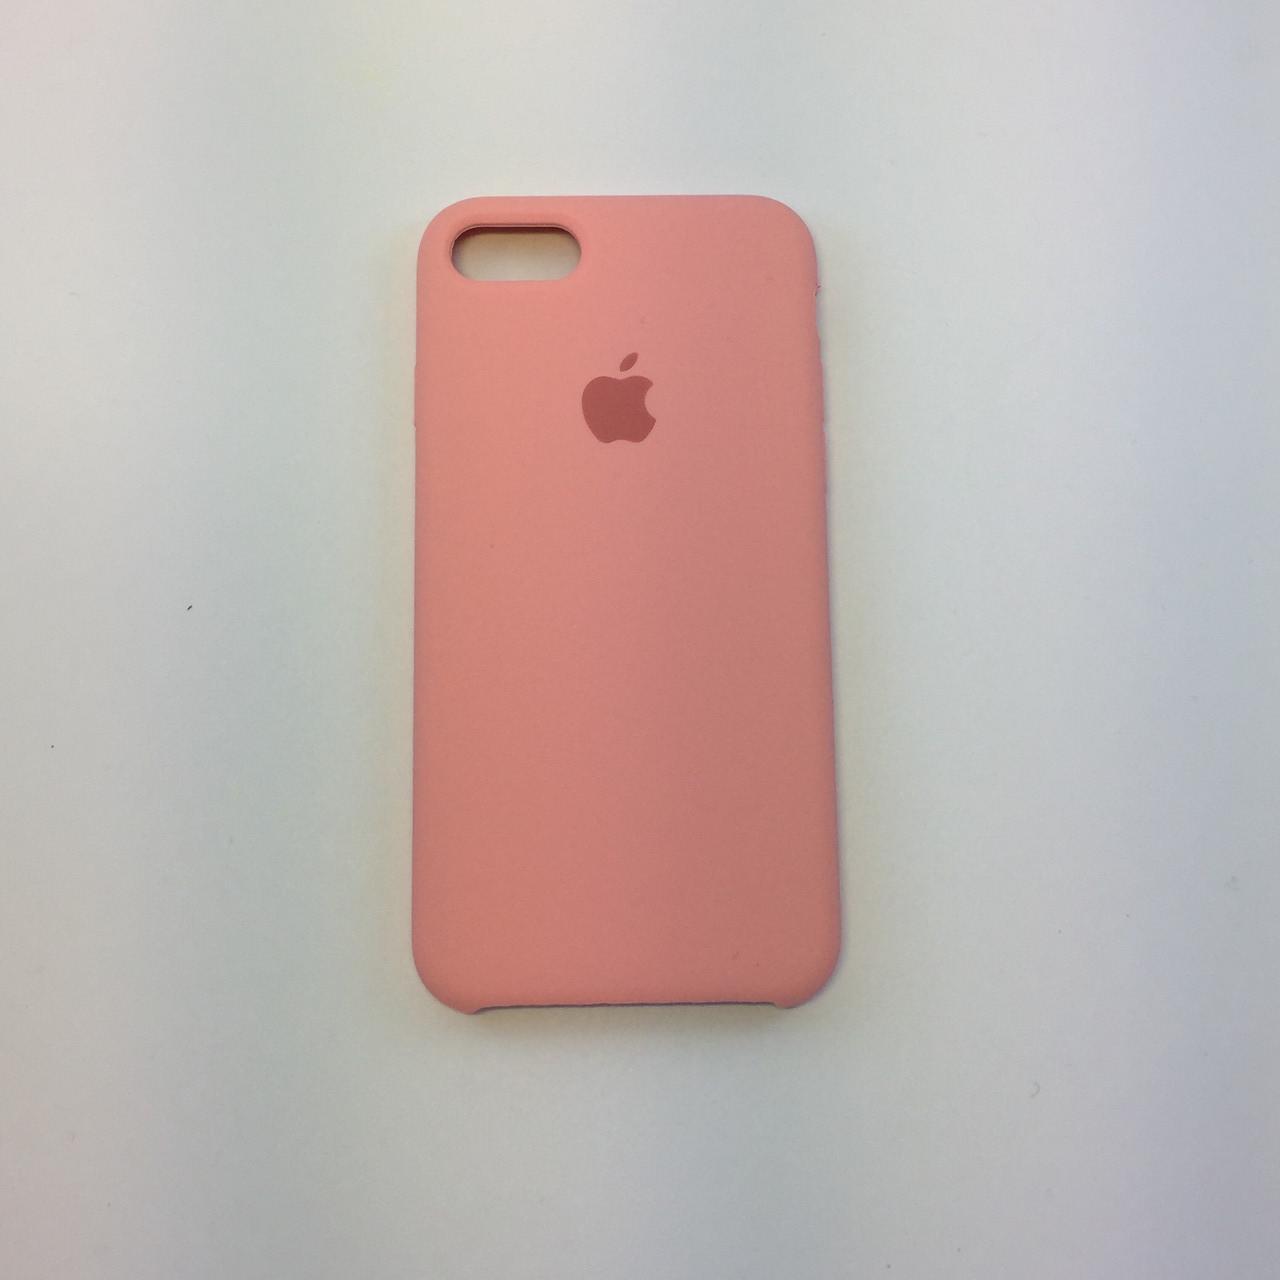 Силиконовый чехол для iPhone 8 Plus, - «нежно-розовый» - copy original